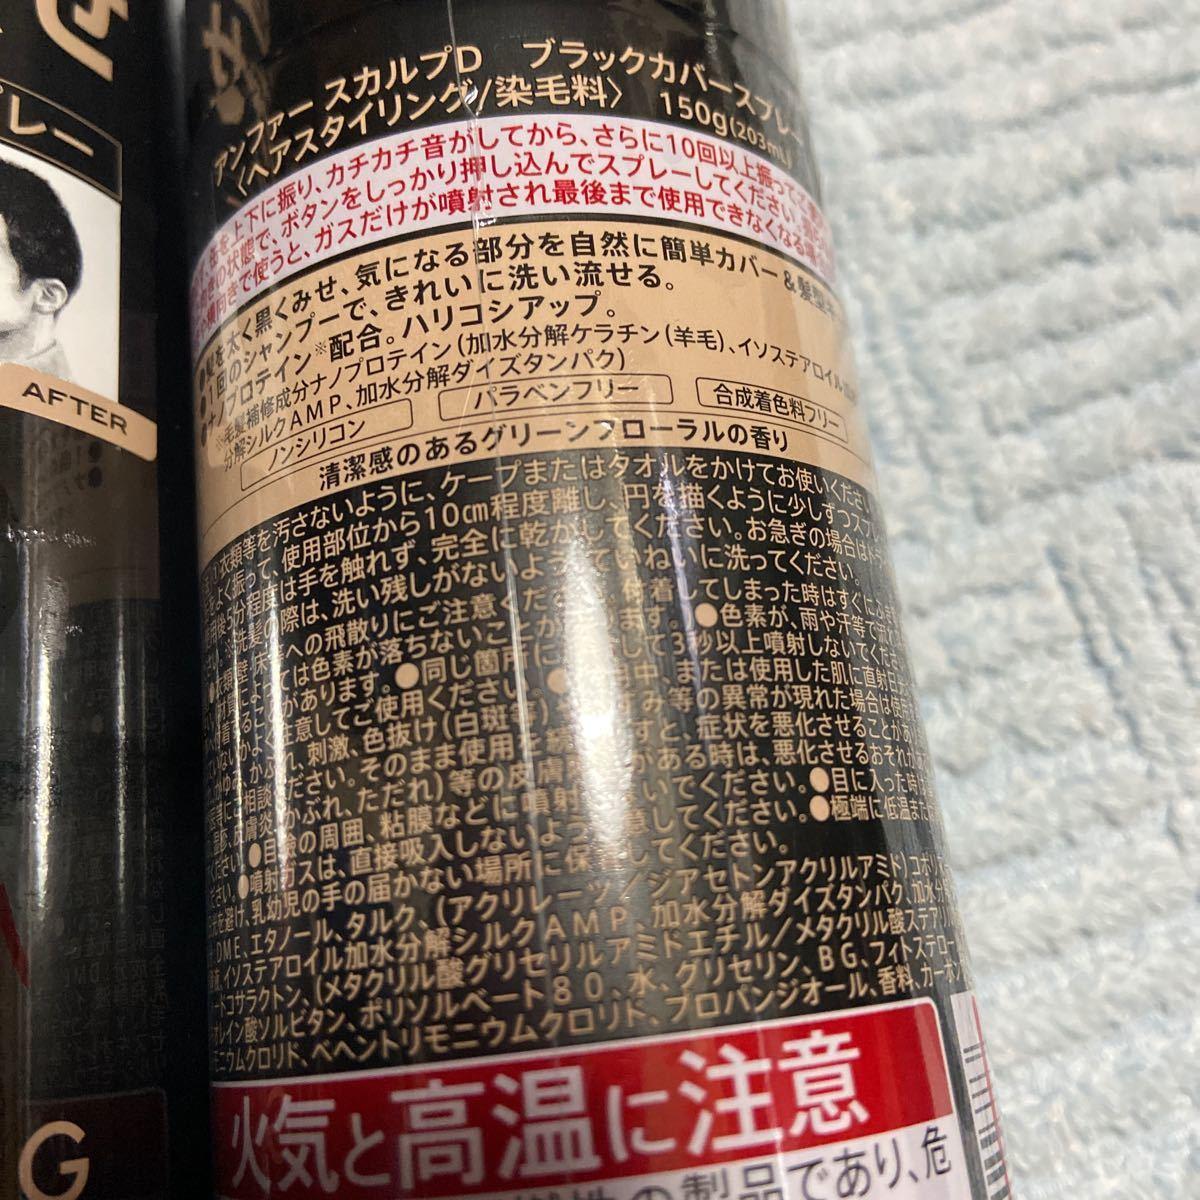 スカルプD ブラックカバースプレー 4本セット【新品未開封】